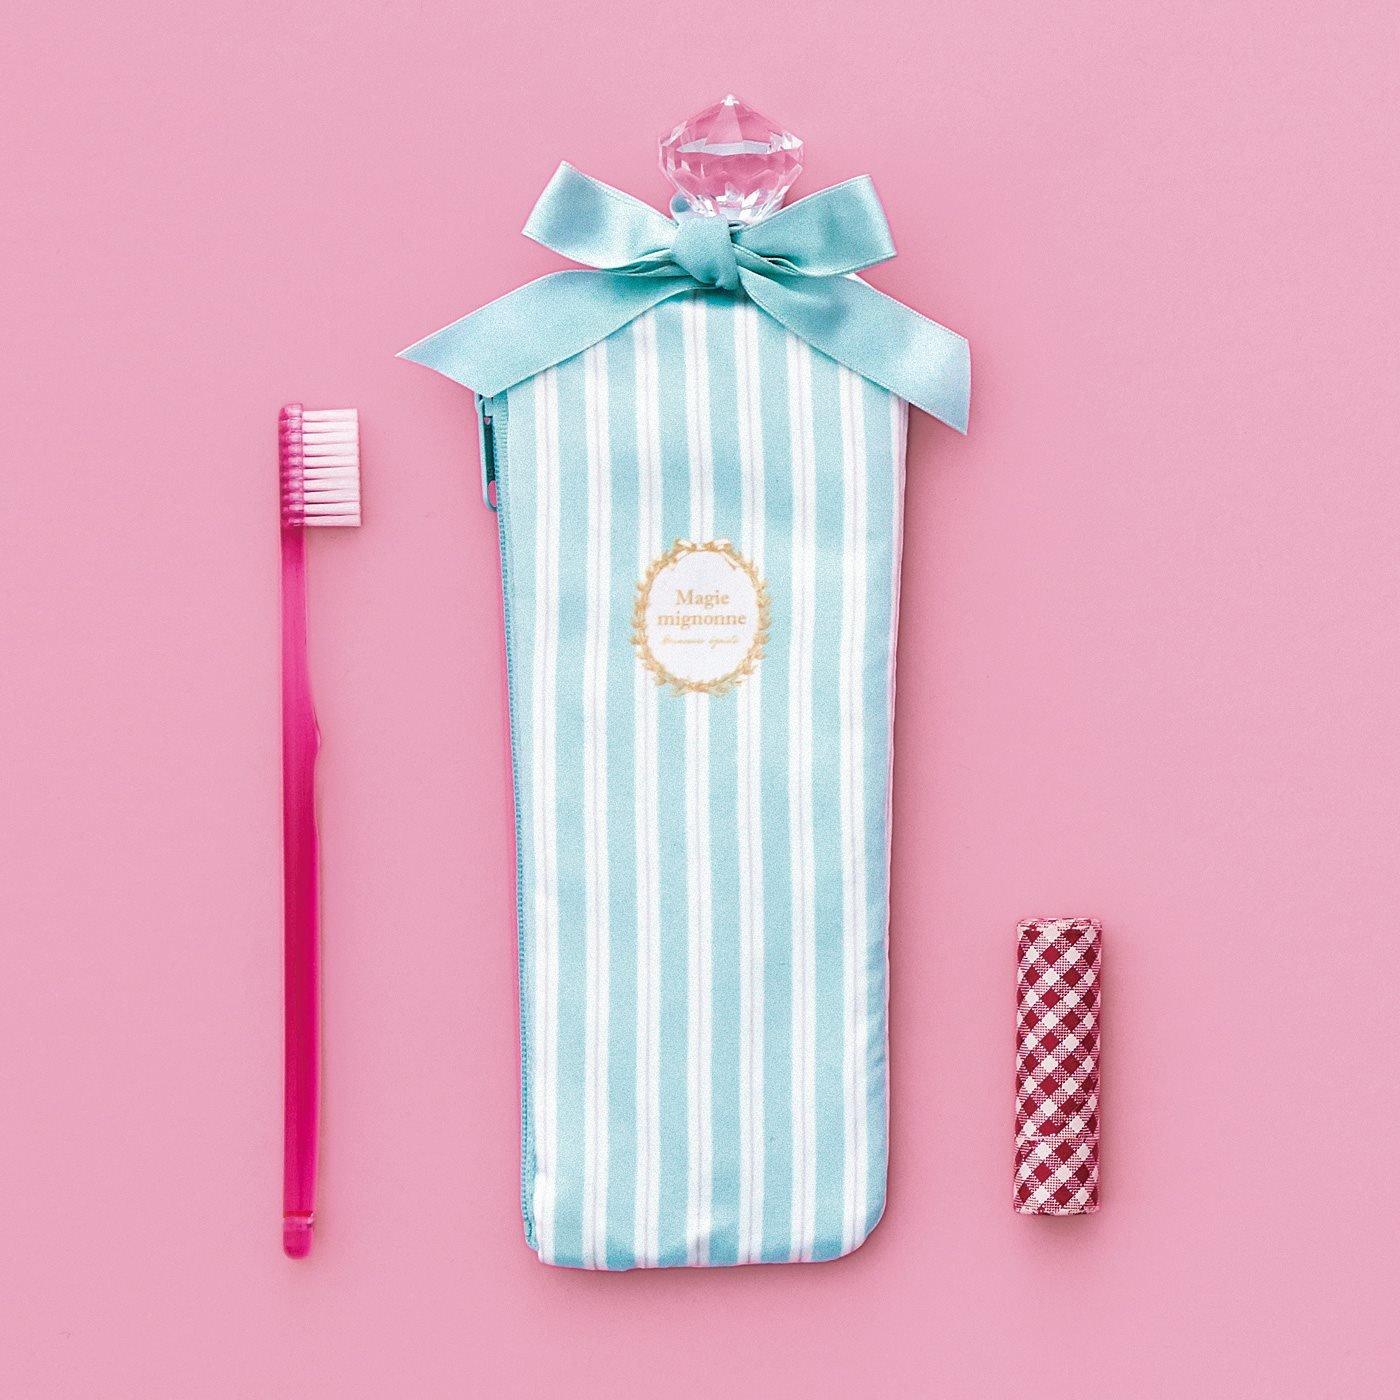 食後のエチケットを美しく 歯ブラシとコップ付きの香水瓶(びん)みたいな歯みがきポーチの会